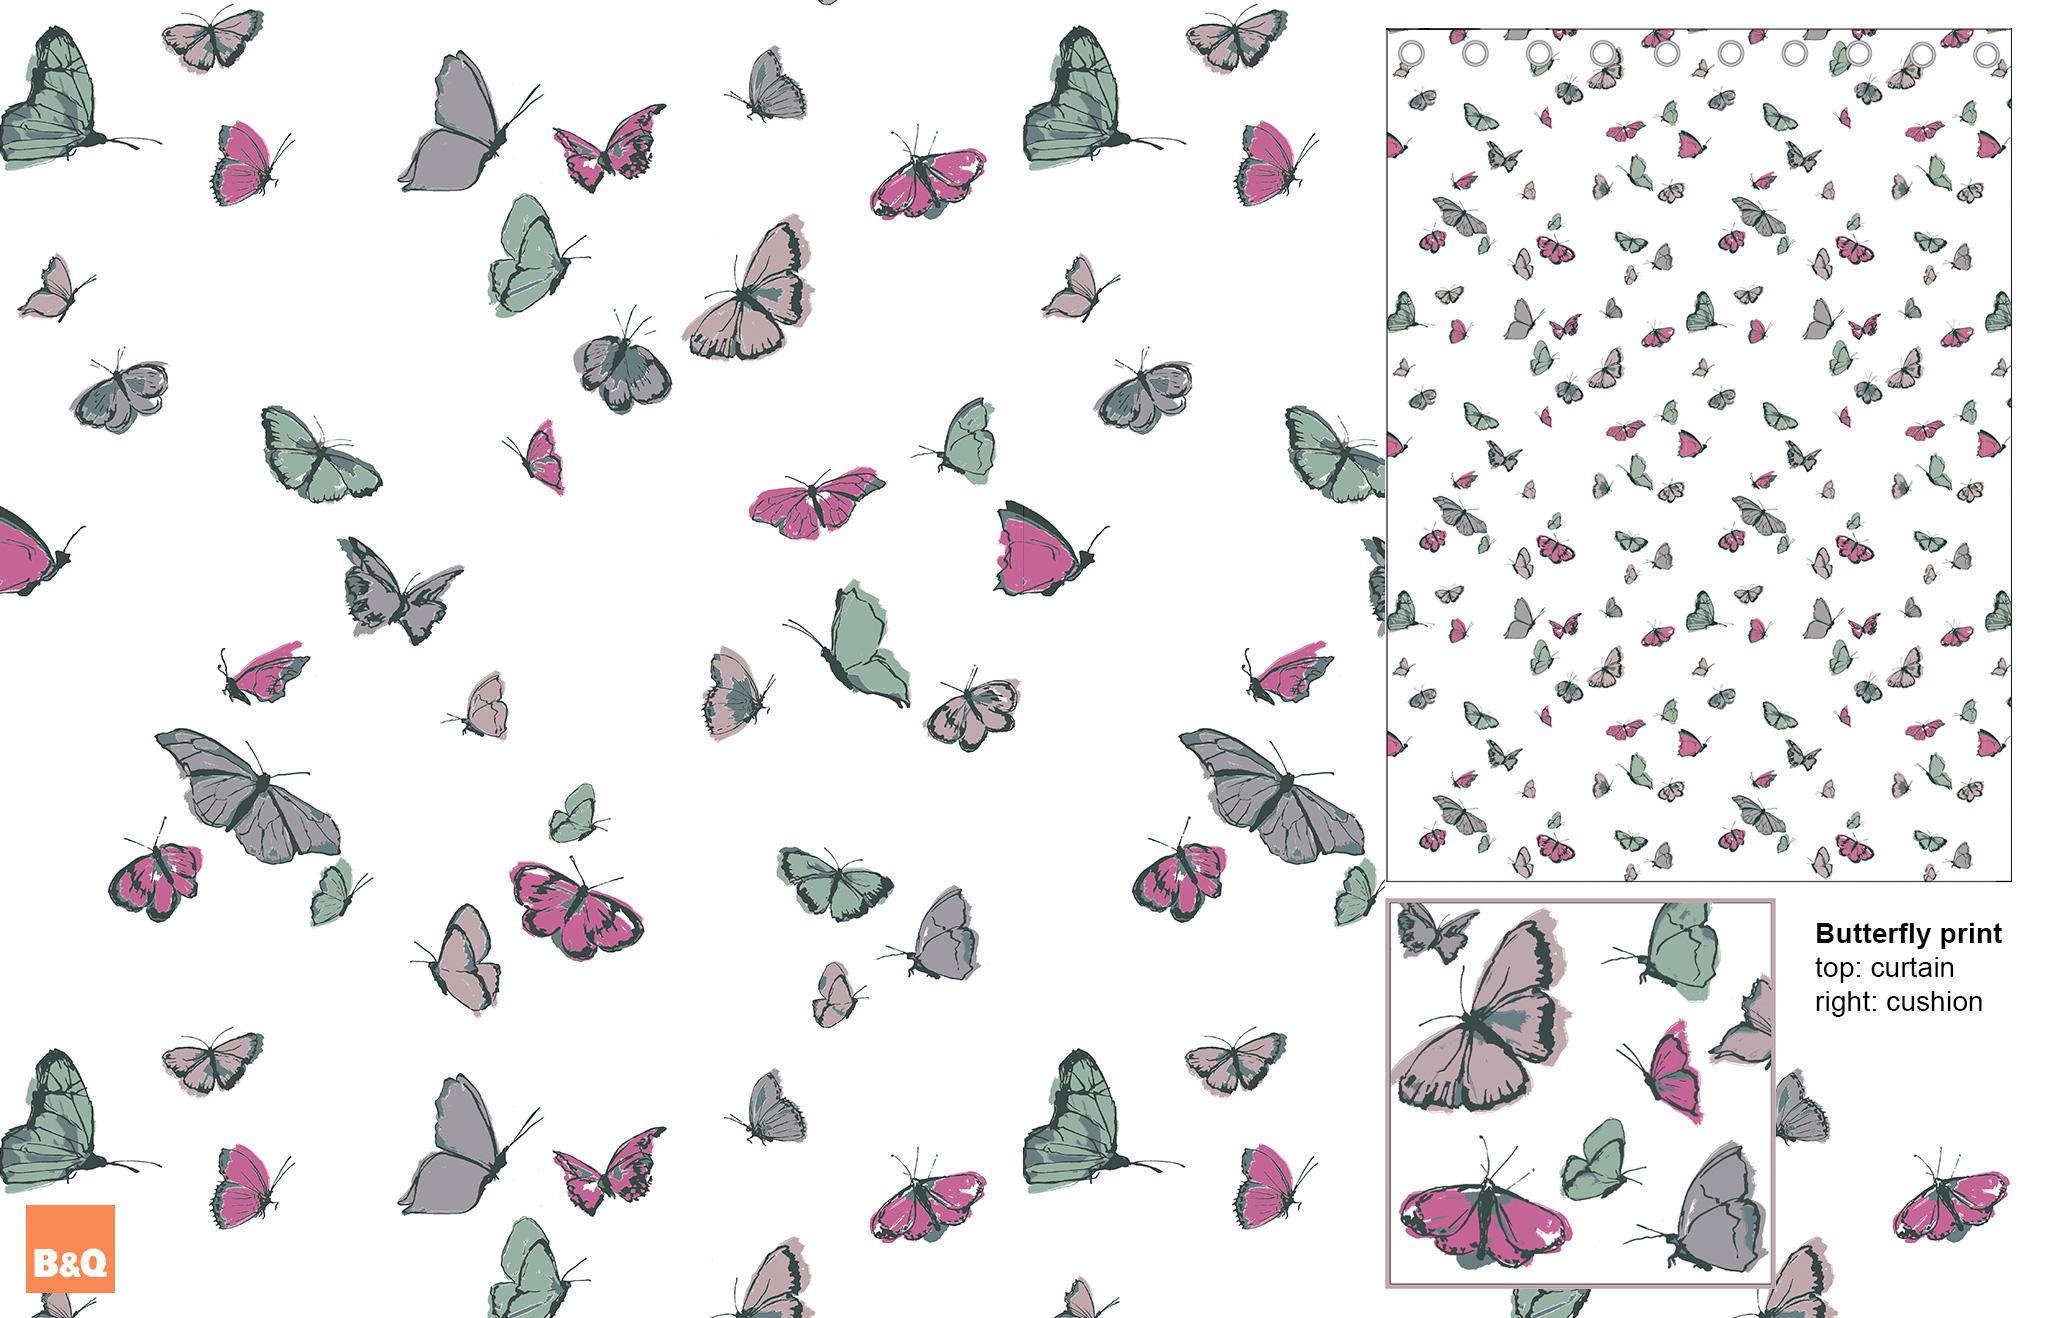 08 butterflies